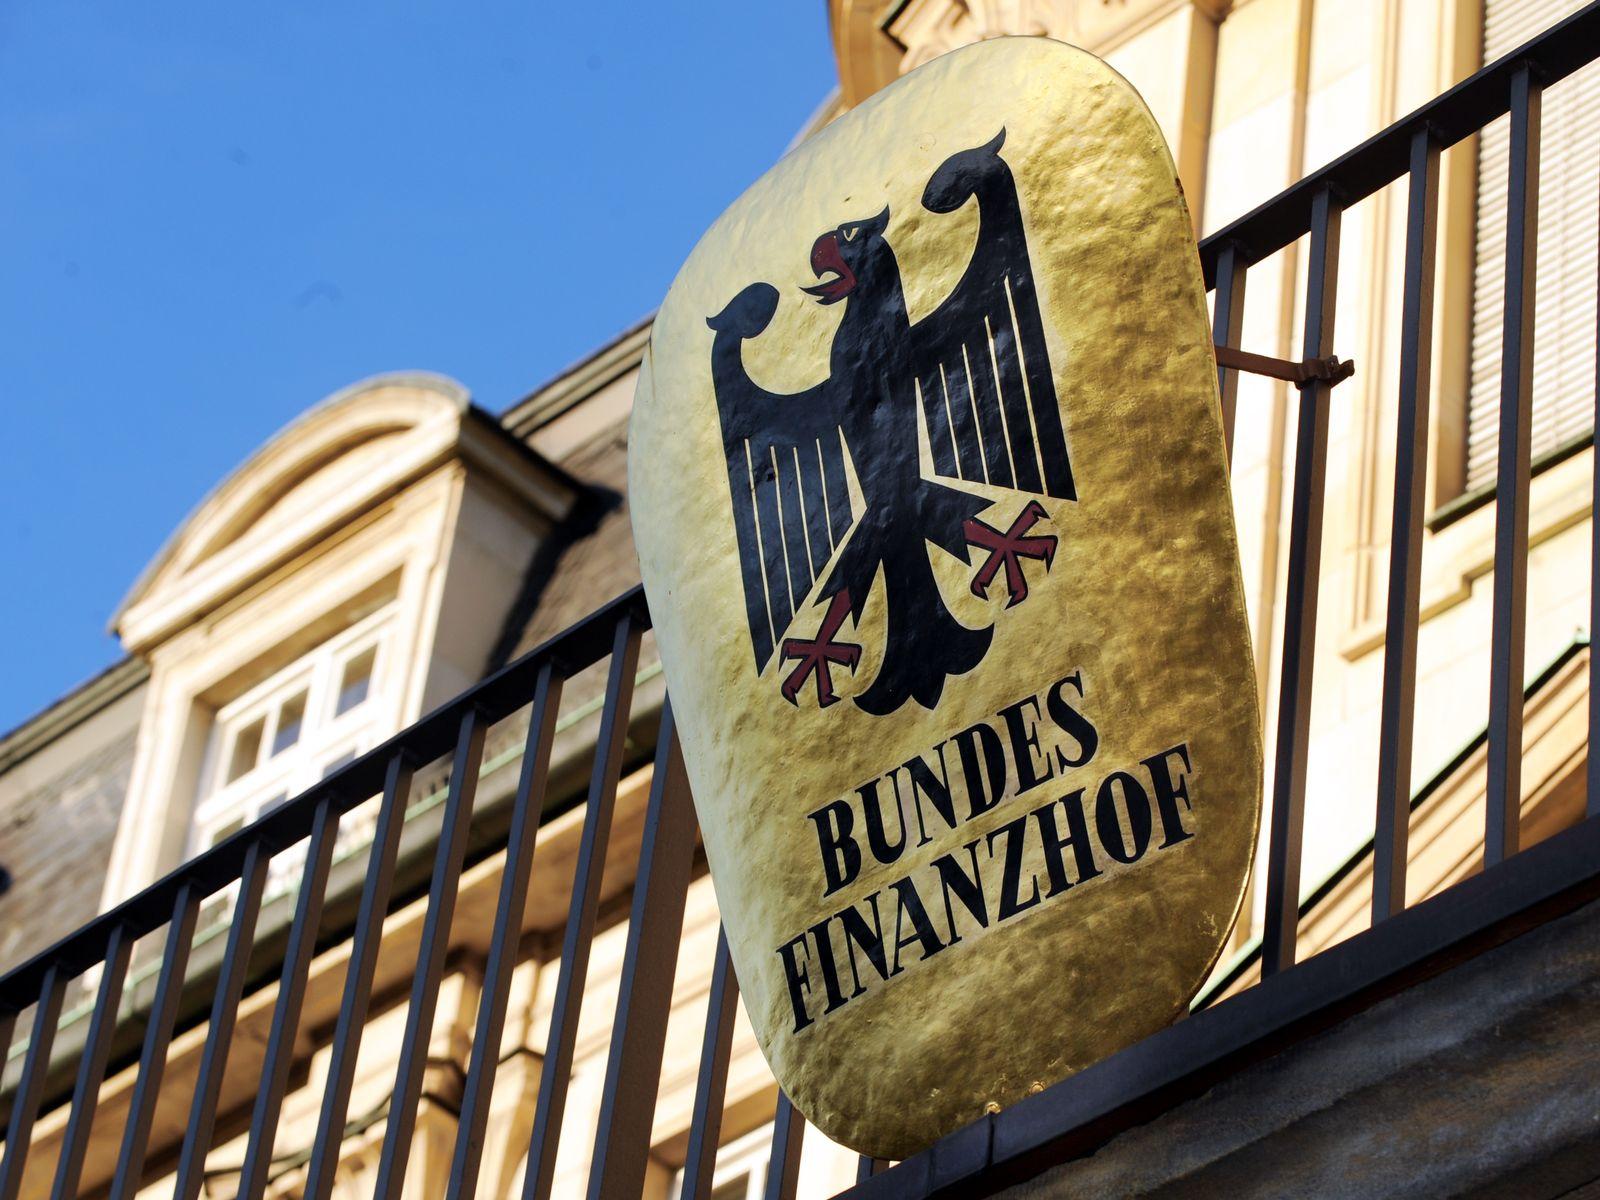 Bundesfinanzhof / Wappen / Adler / Bundesadler